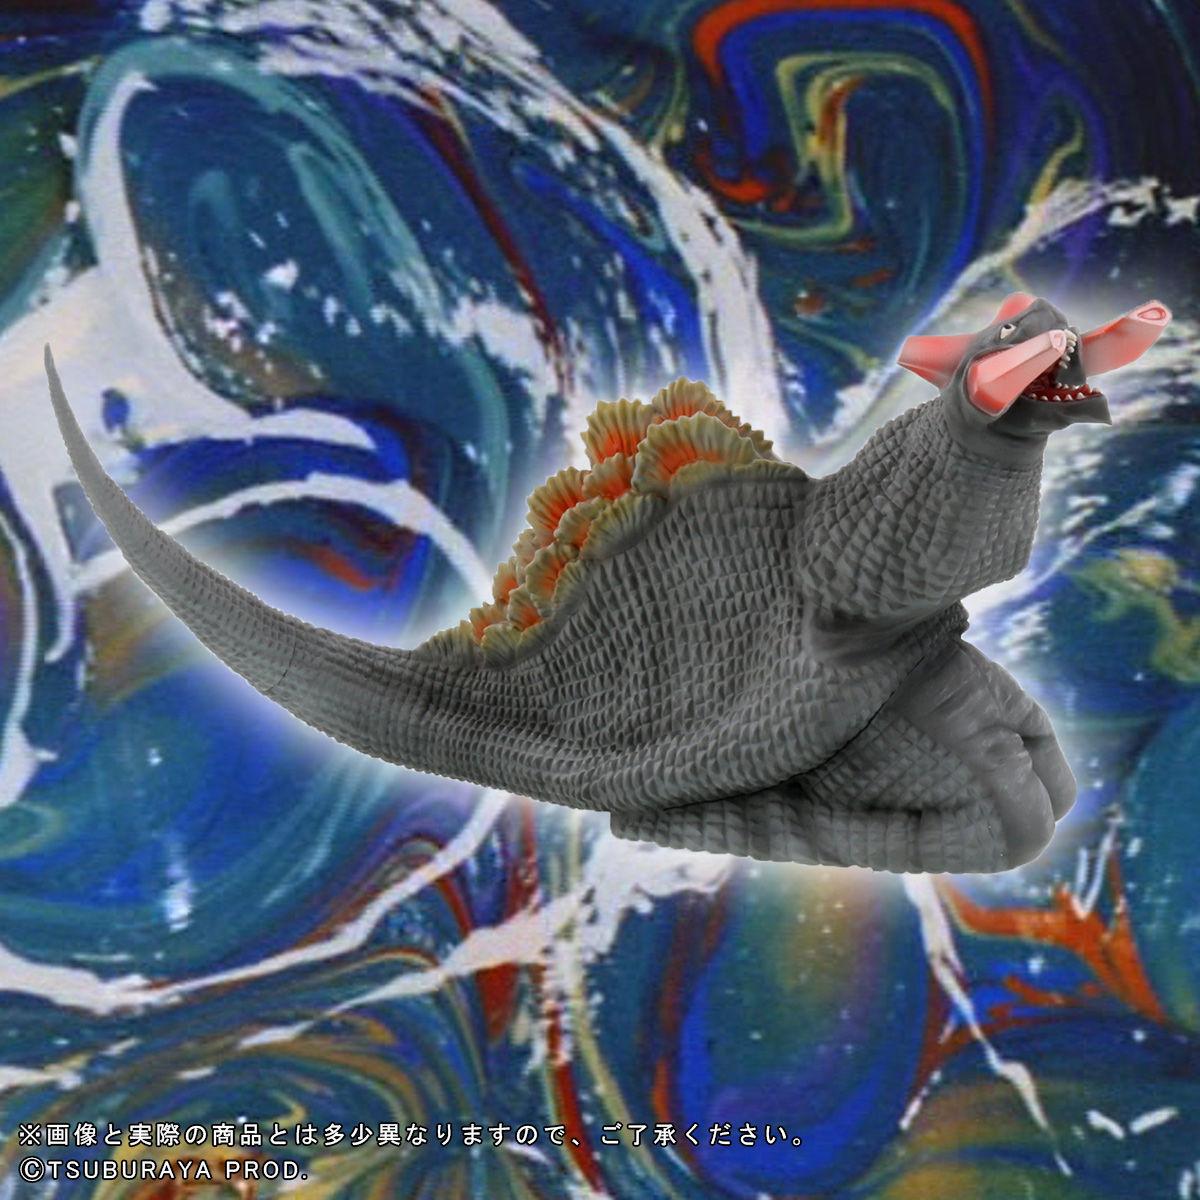 【限定販売】ウルトラ大怪獣シリーズ5000『ビーコン/ギラドラス』完成品フィギュア-007